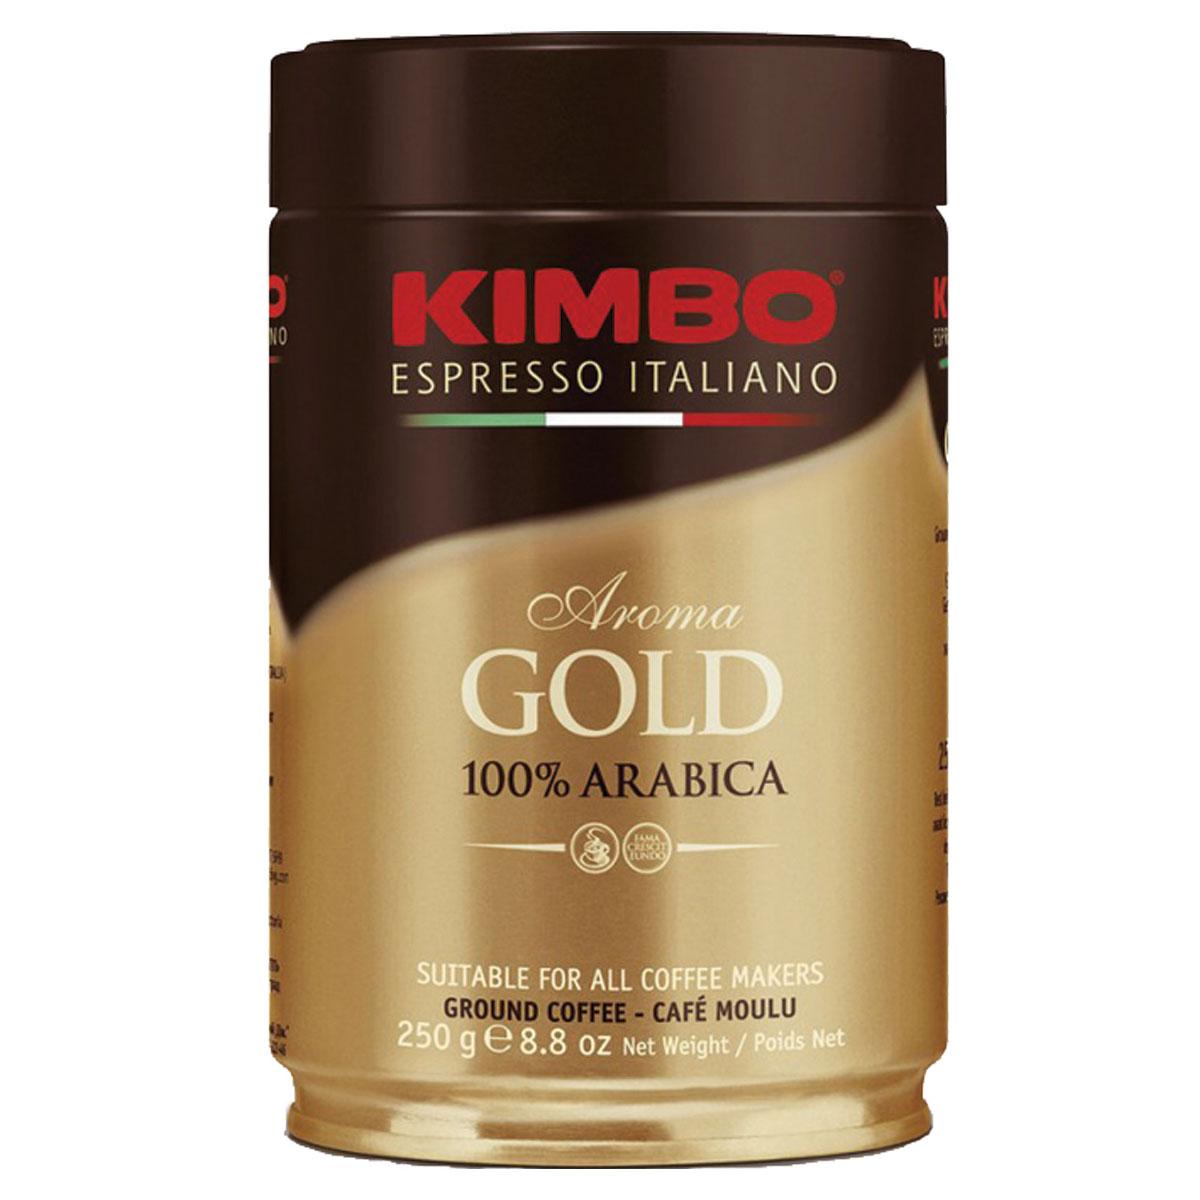 Kimbo Aroma Gold 100% Arabica кофе молотый, 250 г (ж/б)8002200102128Натуральный жареный молотый кофе Kimbo Gold 100% Arabica. Смесь превосходной арабики отличается нежным вкусом, мягкой кислинкой и тонким ароматом. Состав смеси: 100% арабика.